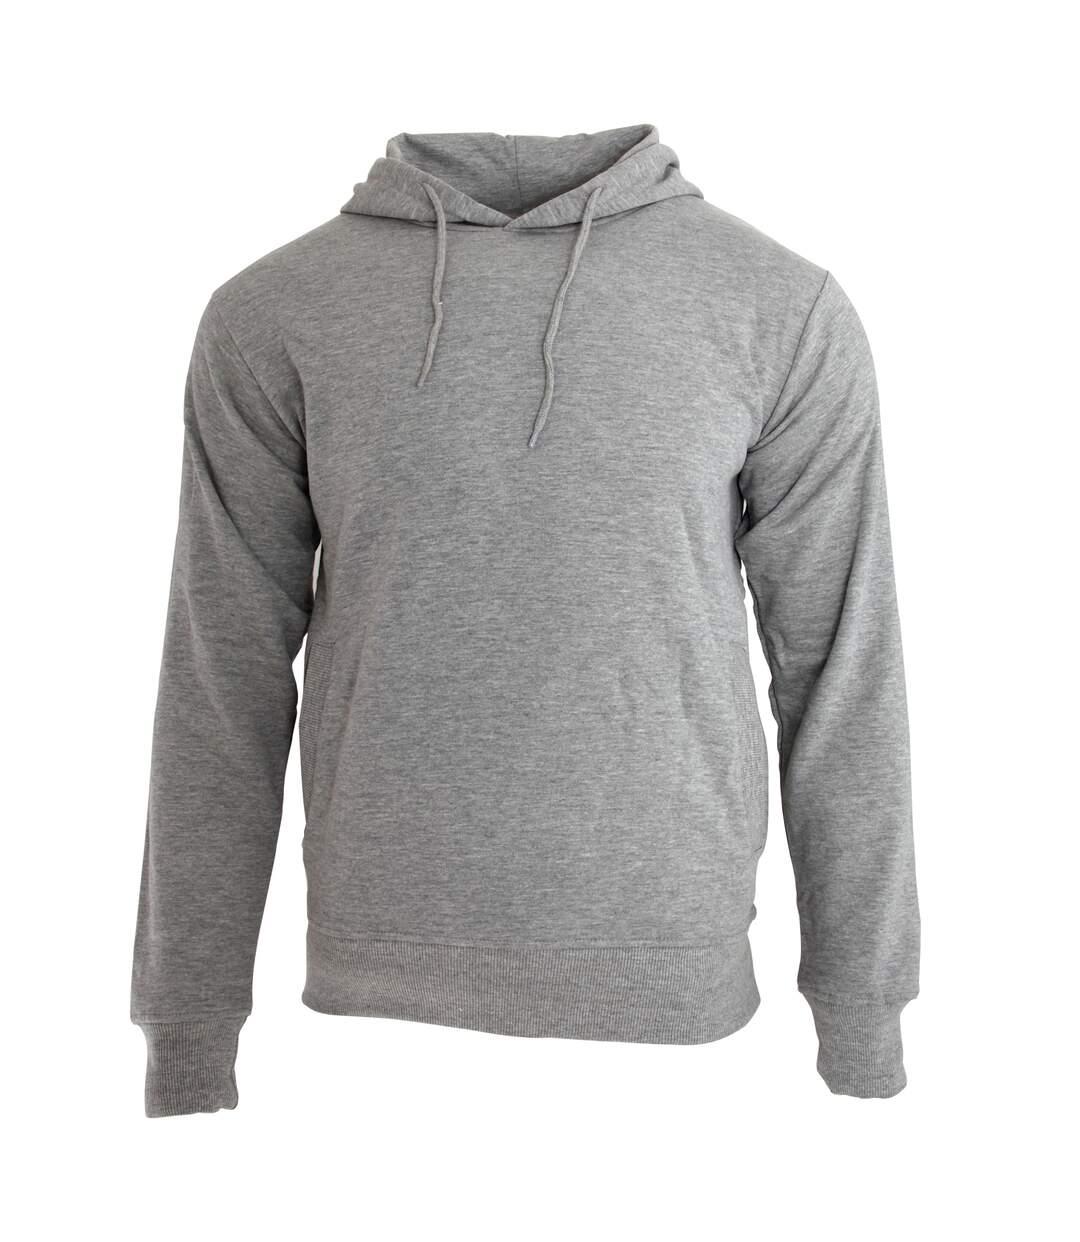 Nakedshirt - Sweat-Shirt À Capuche En Coton - Homme (Gris) - UTBC3762